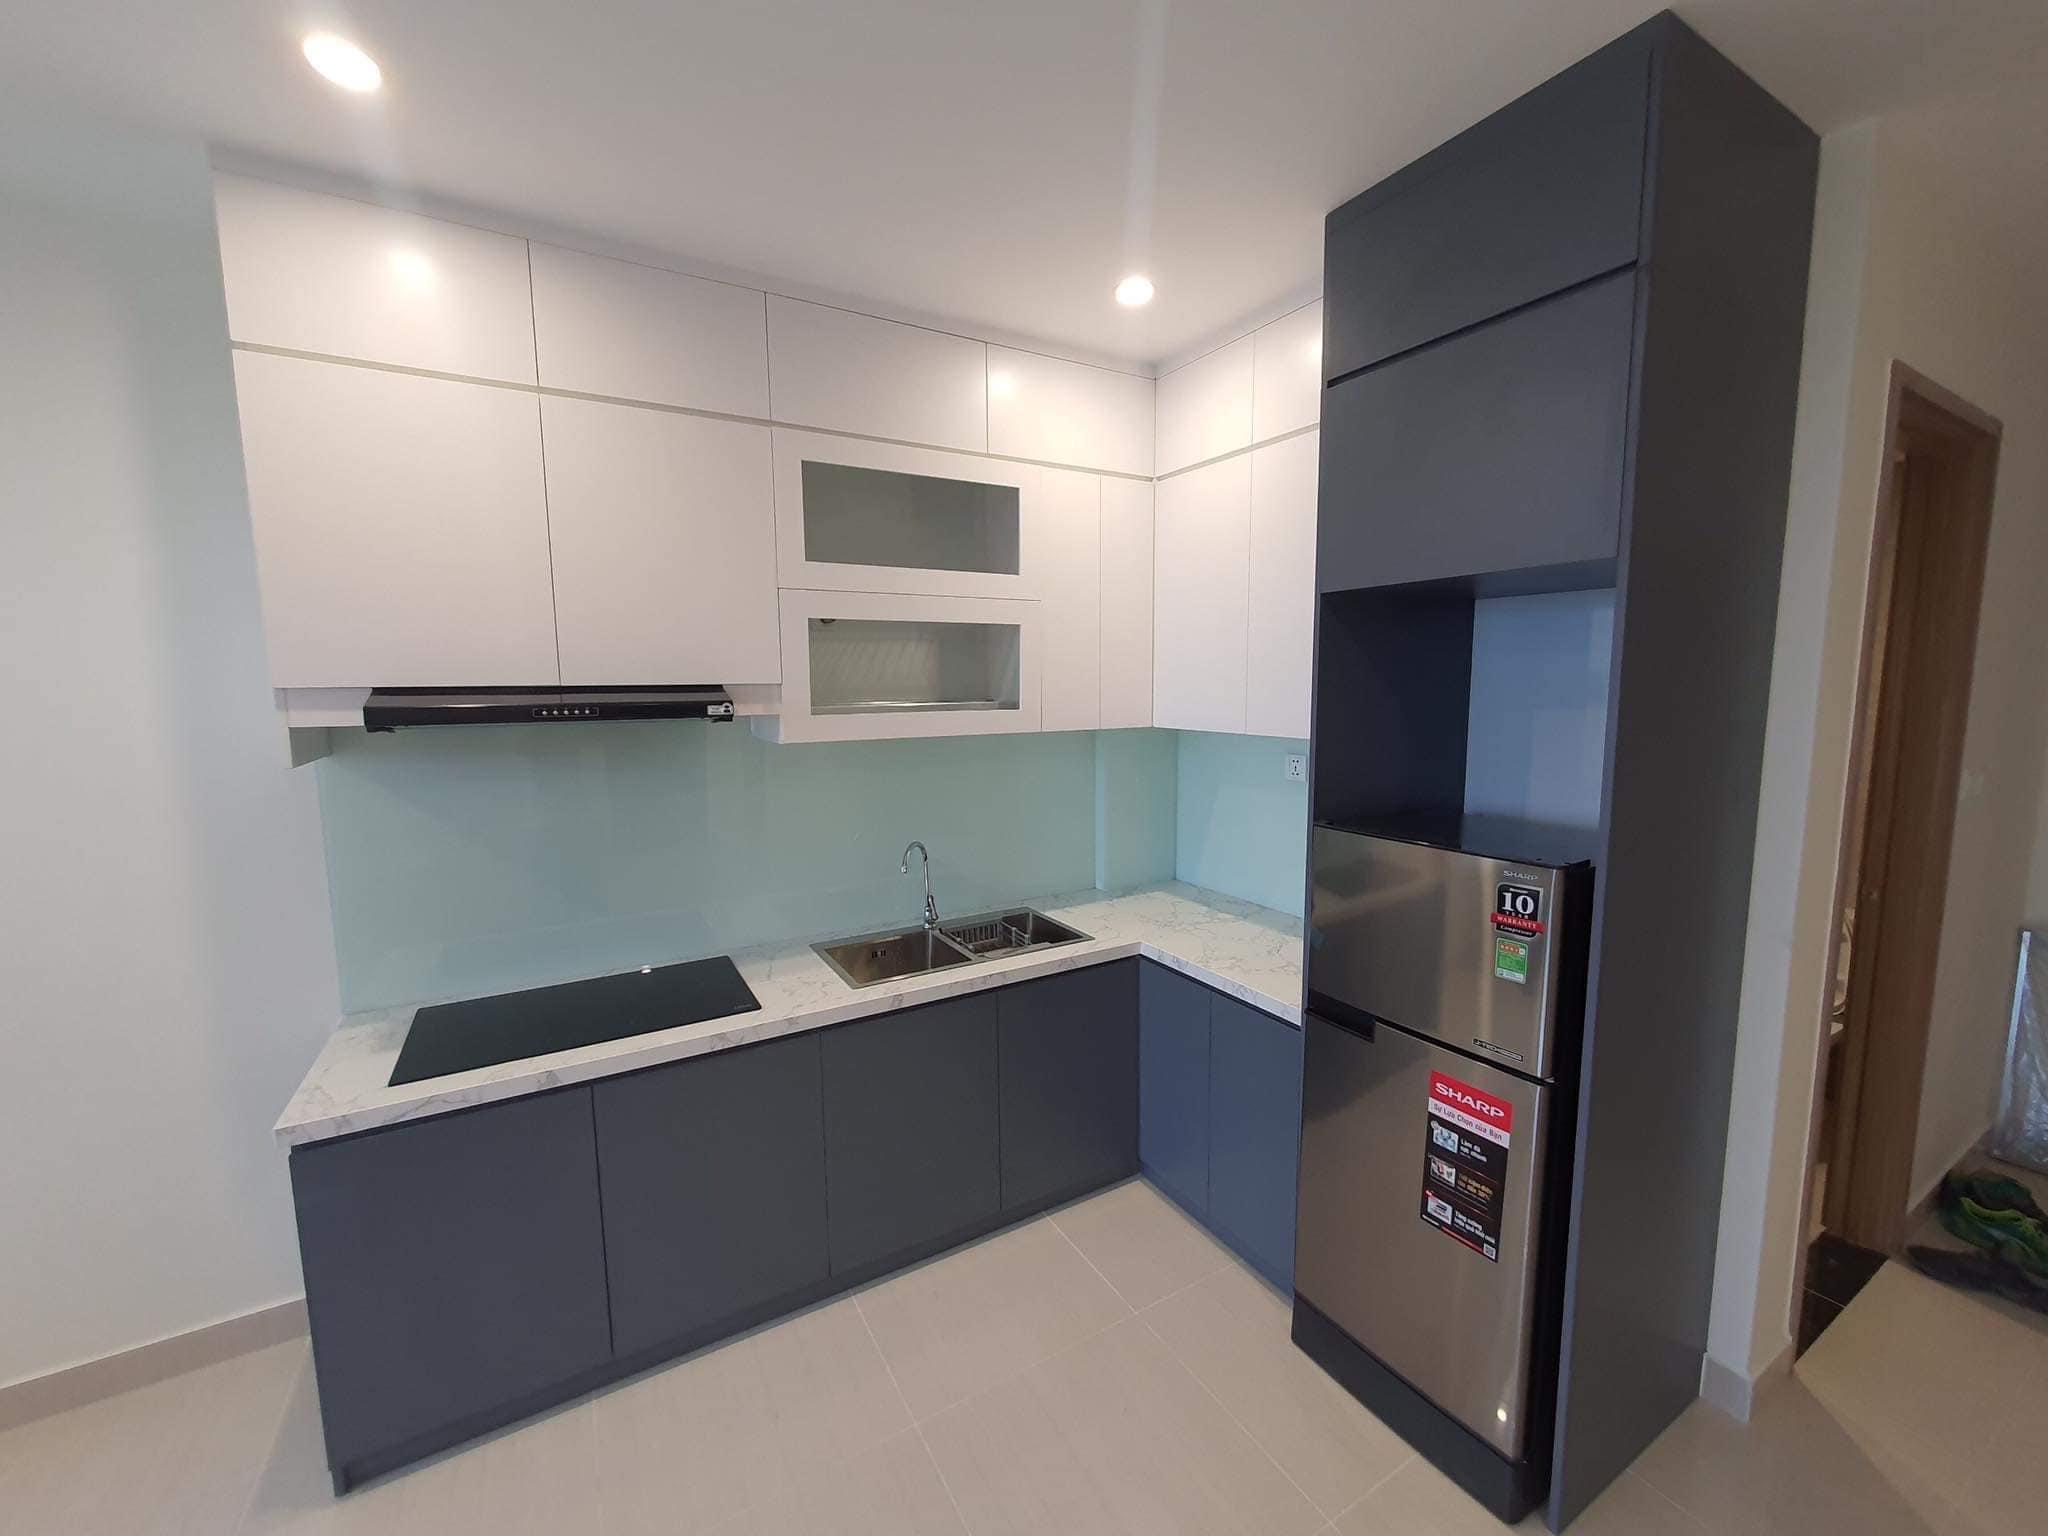 Căn hộ 2 phòng ngủ tầng 8 toà S1.06 đầy đủ nội thất giá 7,2tr/tháng 2